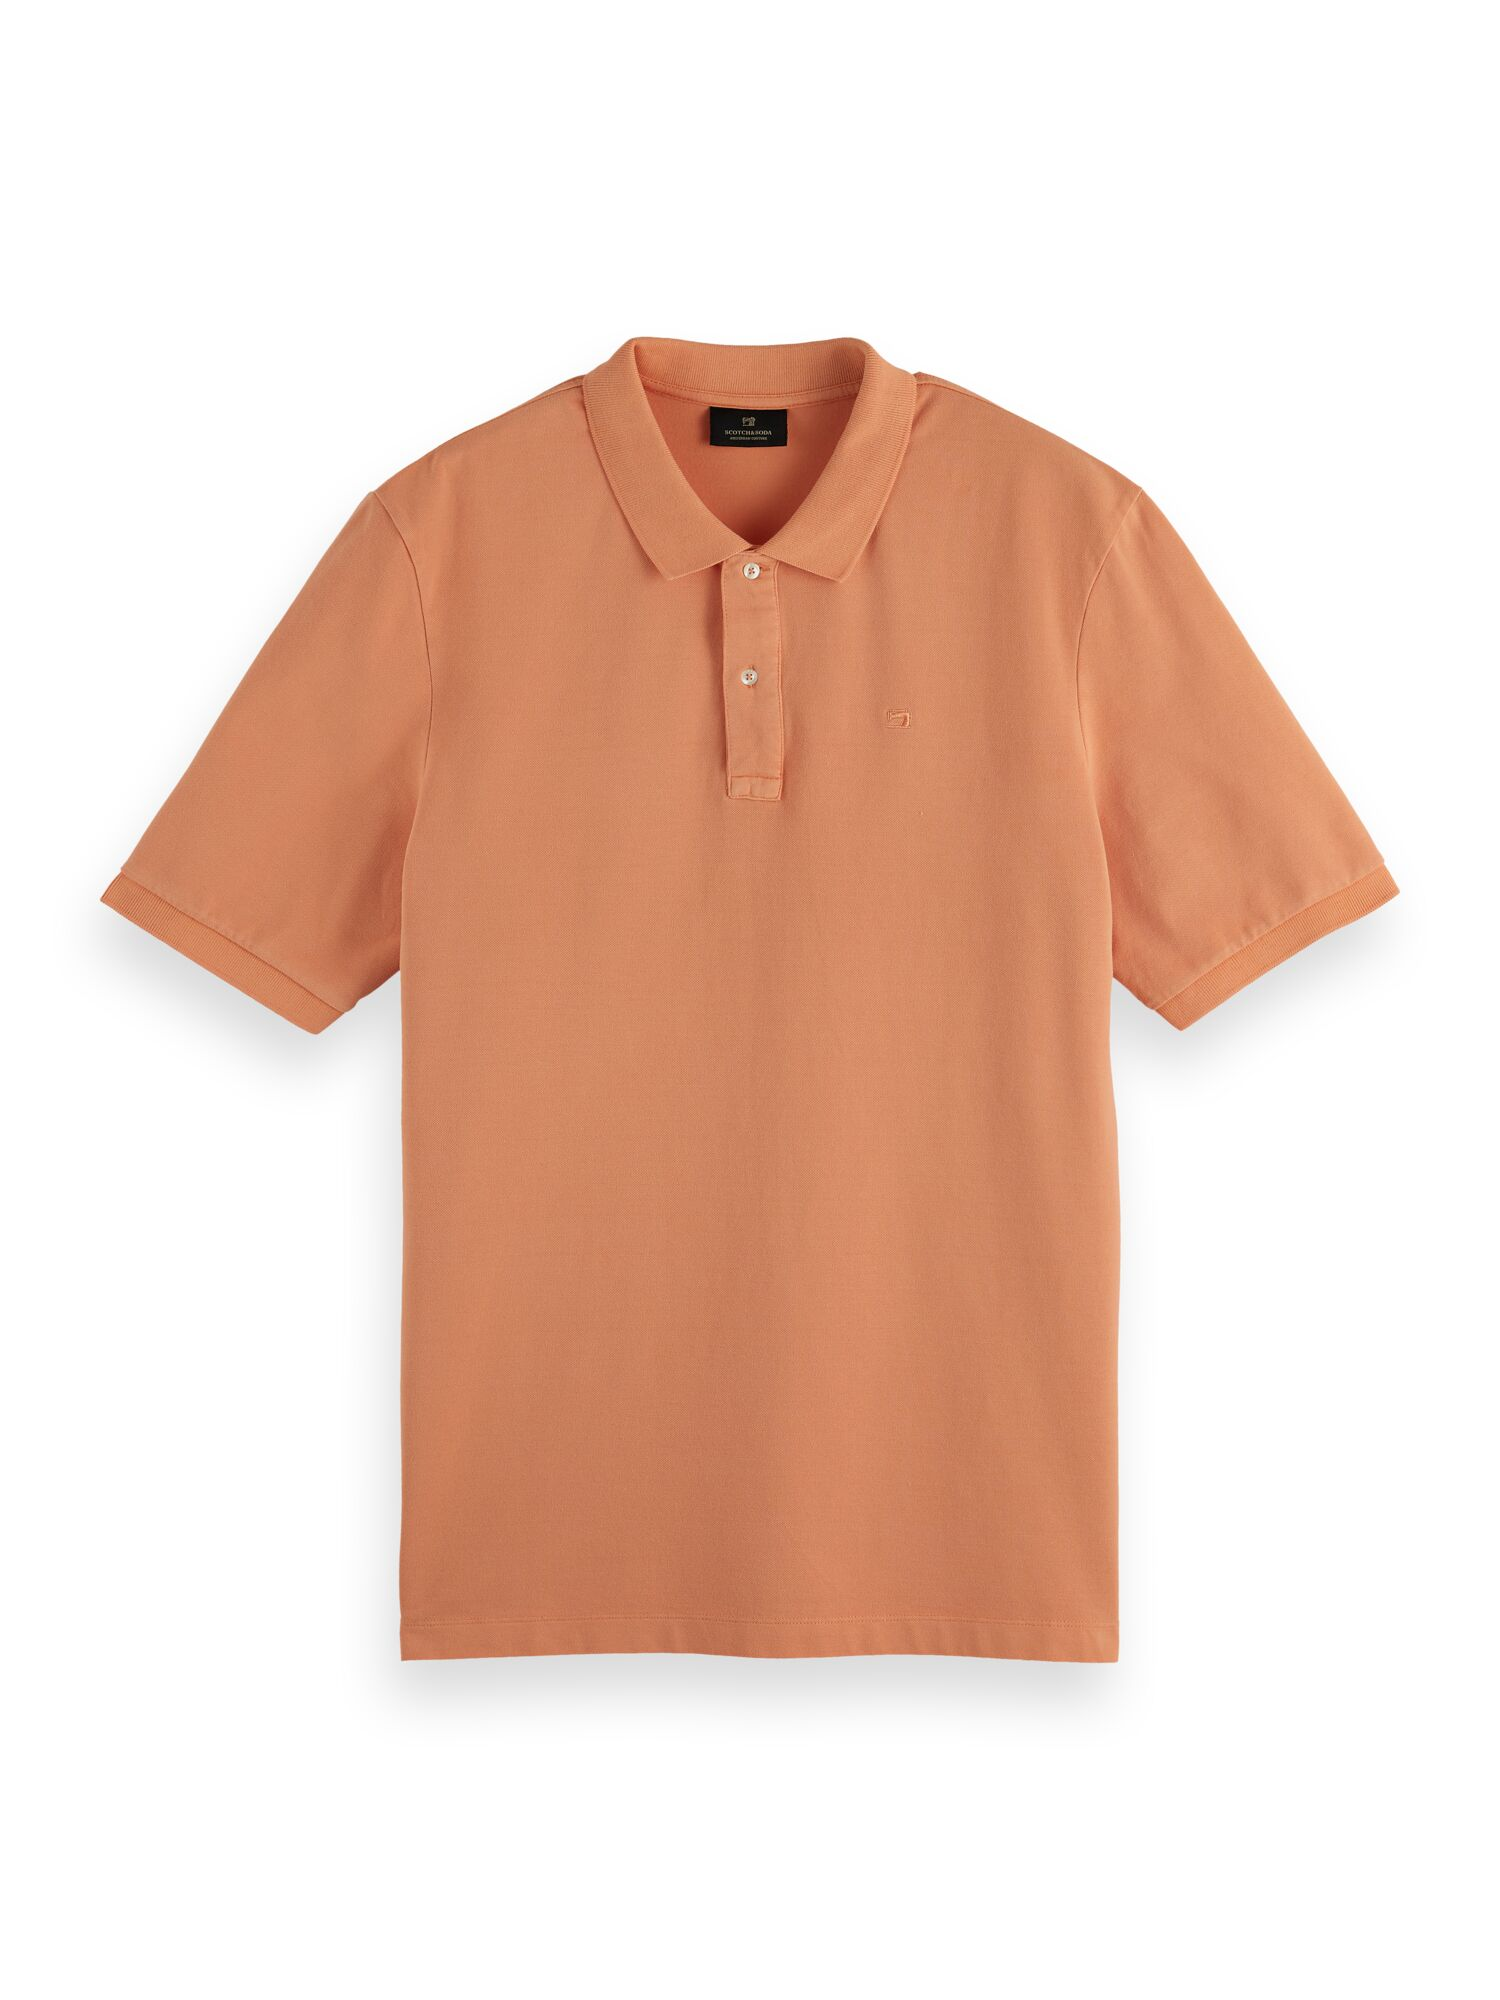 Scotch & Soda   Garment-dyed cotton pique polo